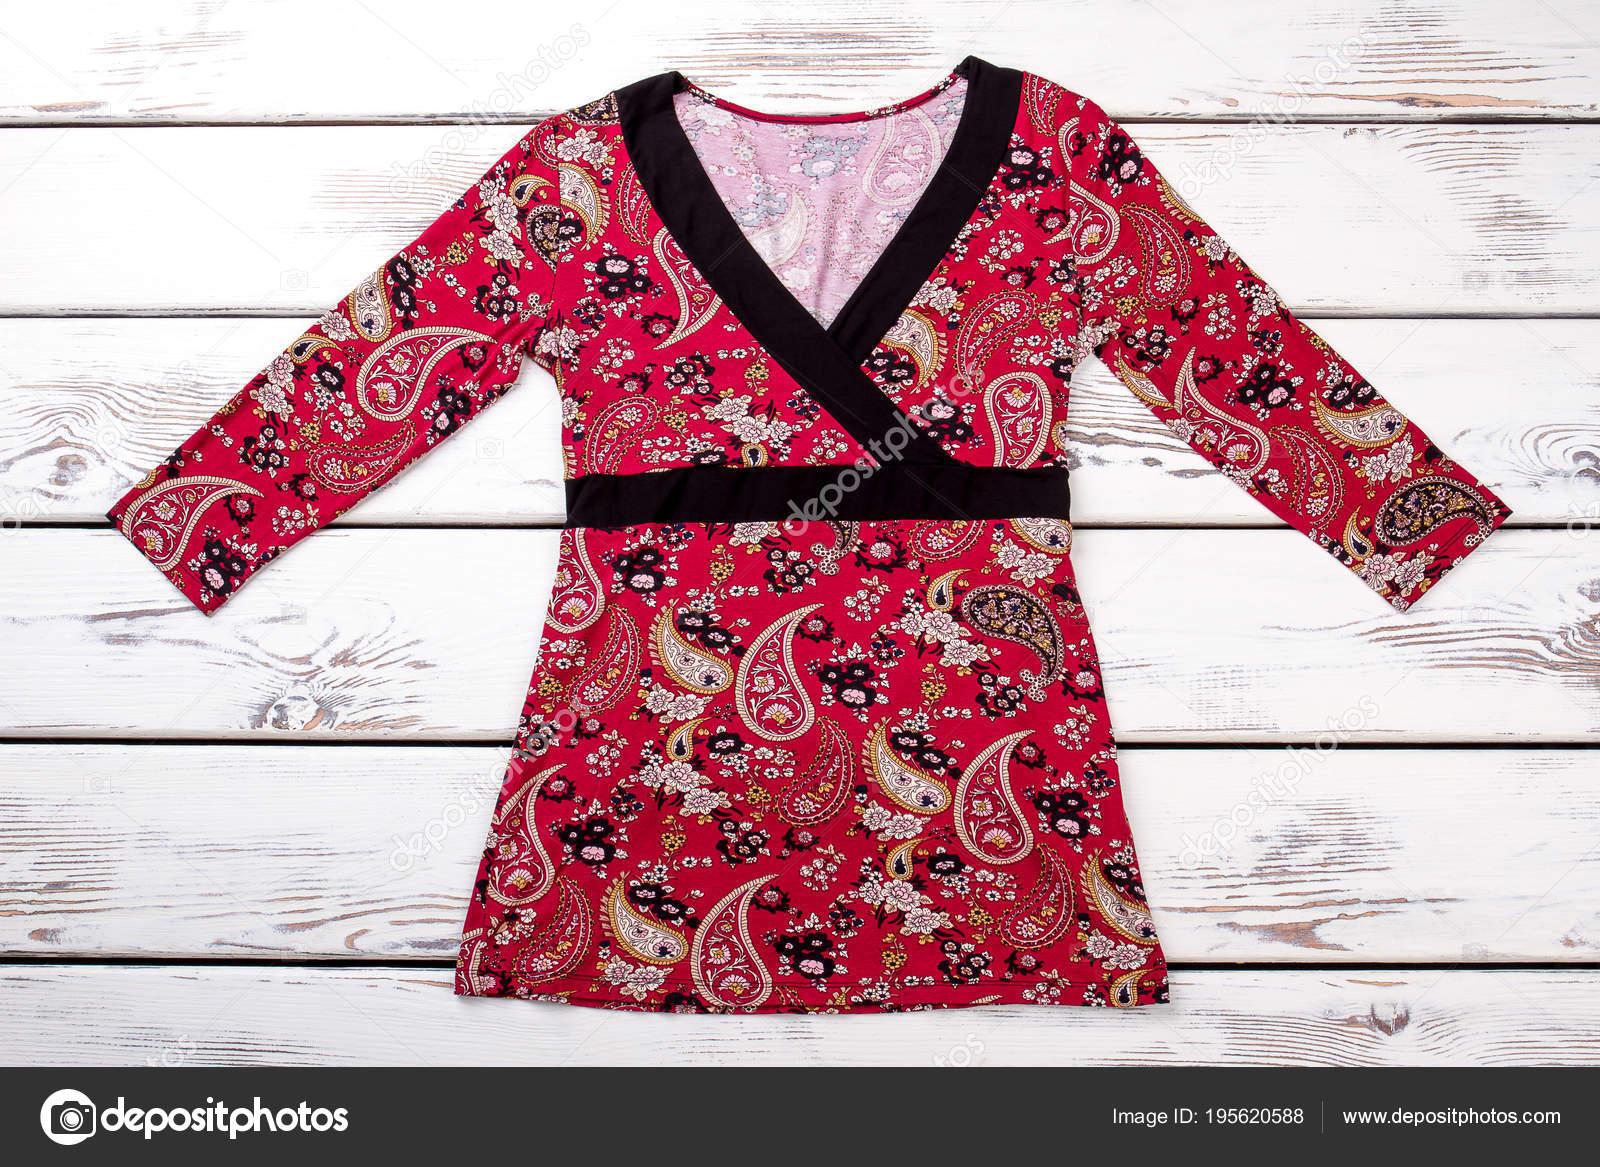 1c9fb5d16b Sudadera rojo con patrón de flores. Camiseta mujer rojo con estampado  floral. Ropa de outlet de mujer en venta — Foto de ...